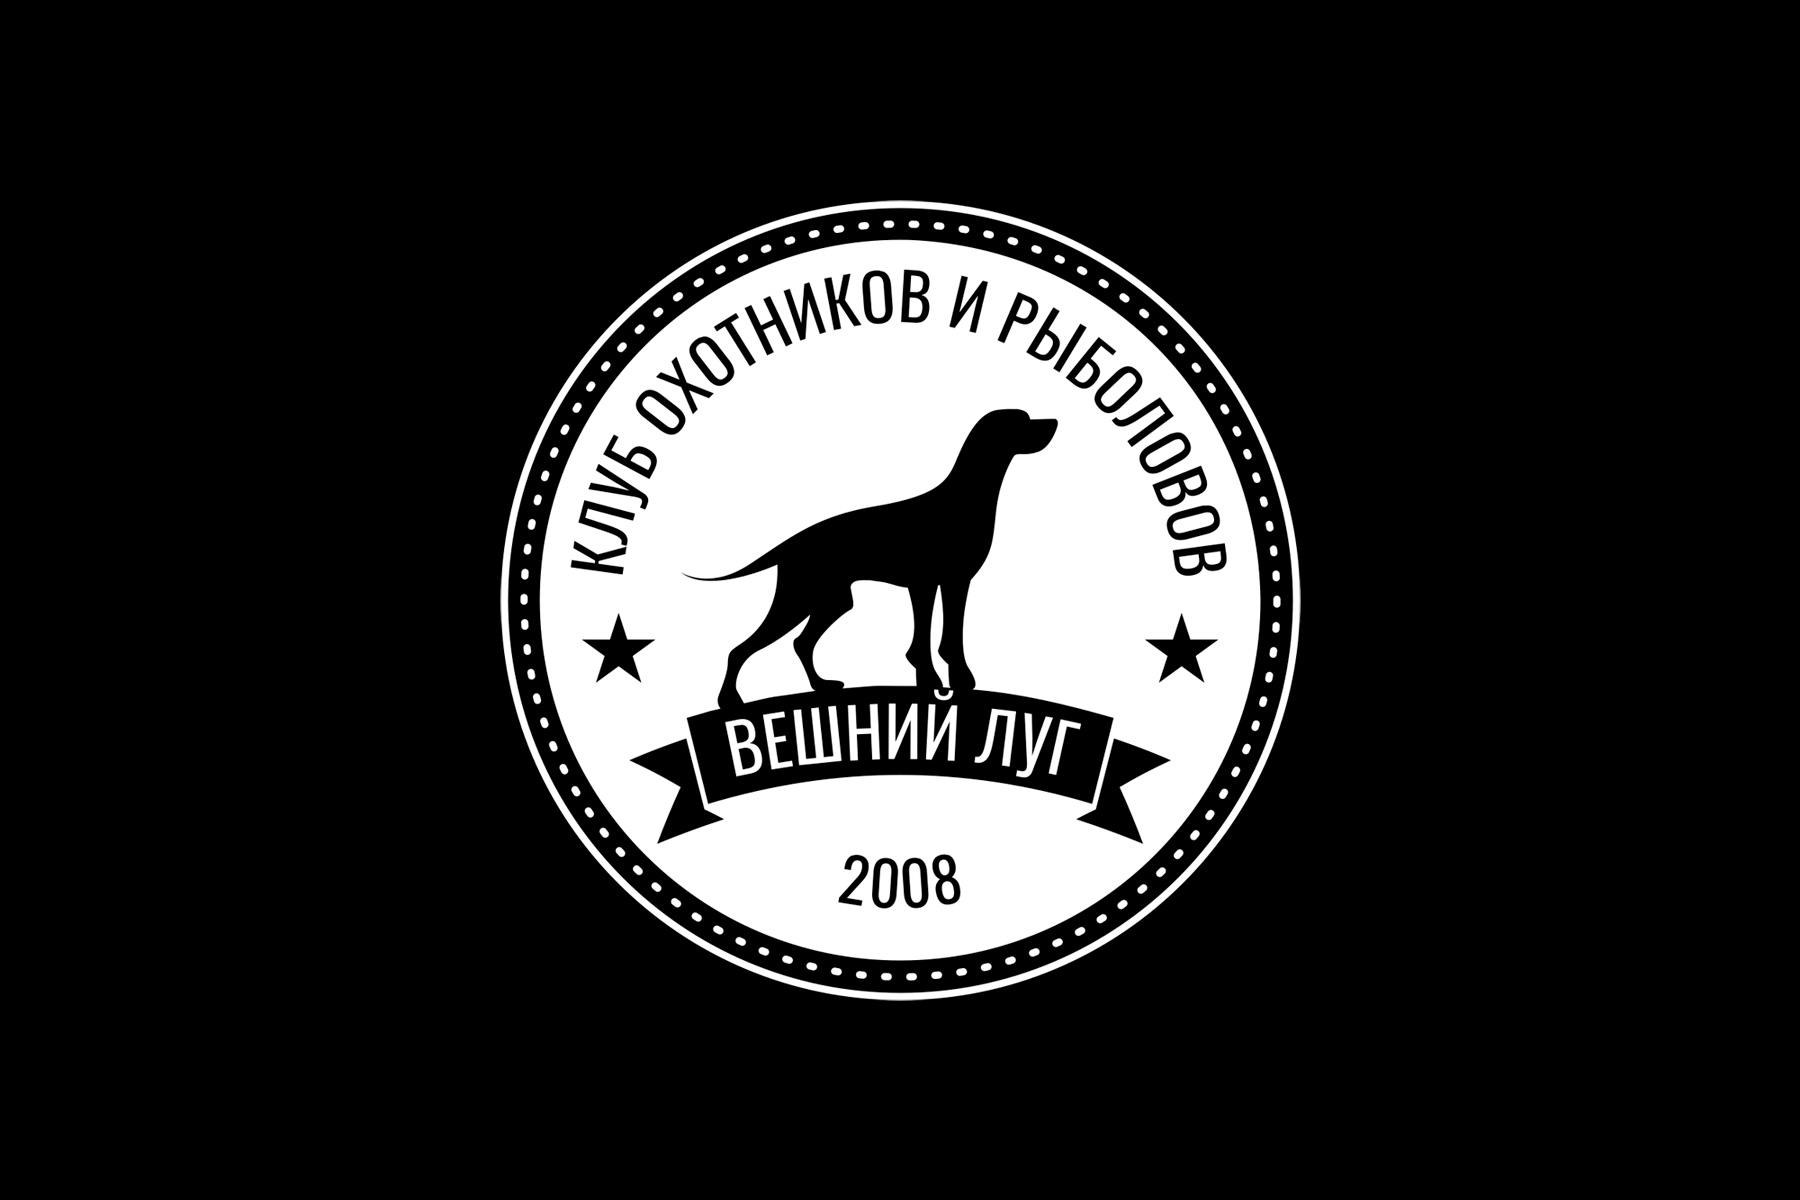 Логотип Вешний Луг